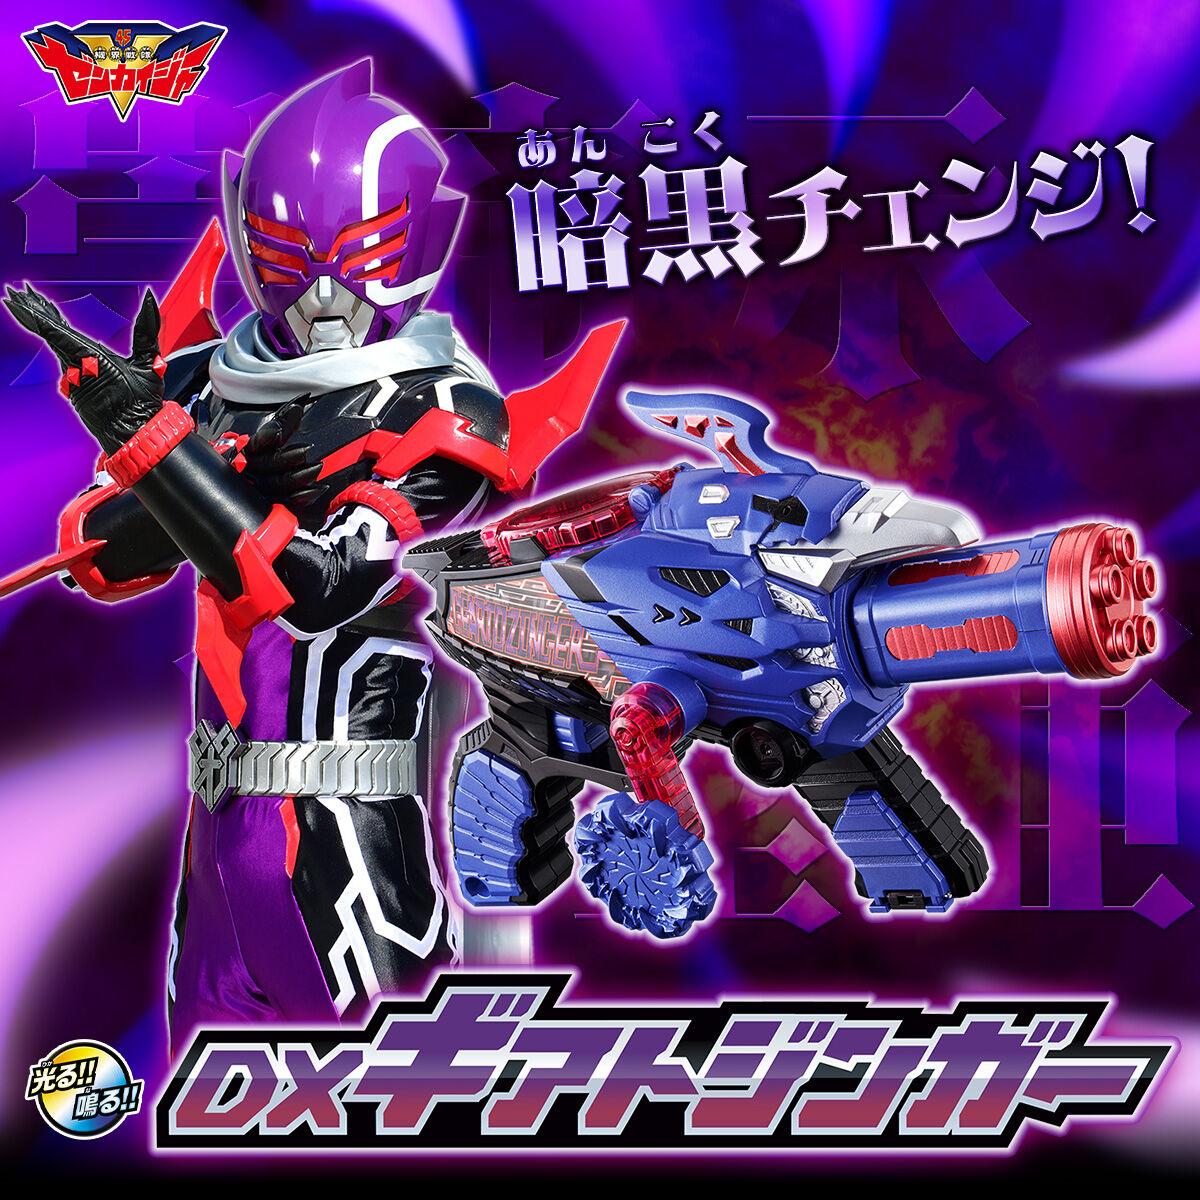 【限定販売】機界戦隊ゼンカイジャー『DXギアトジンガー』ステイシーザー 変身なりきり-001